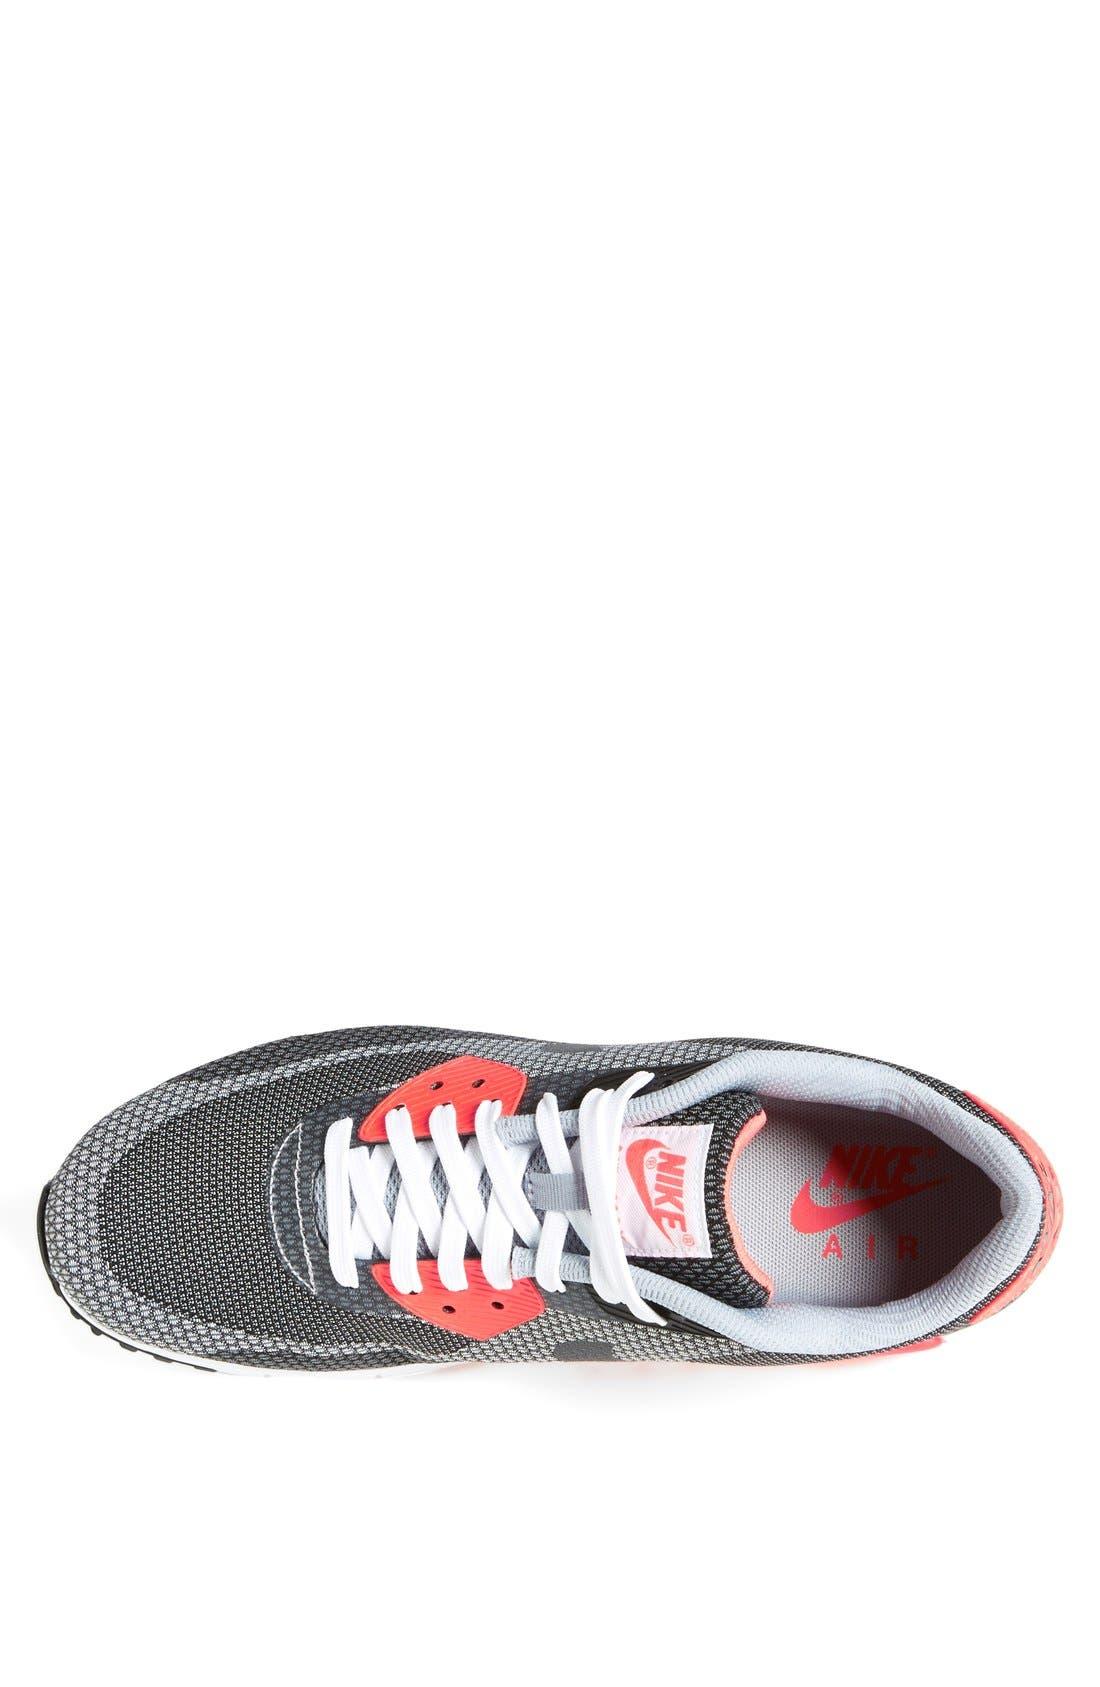 Alternate Image 3  - Nike 'Air Max 90 Jacquard' (QS) Sneaker (Men)